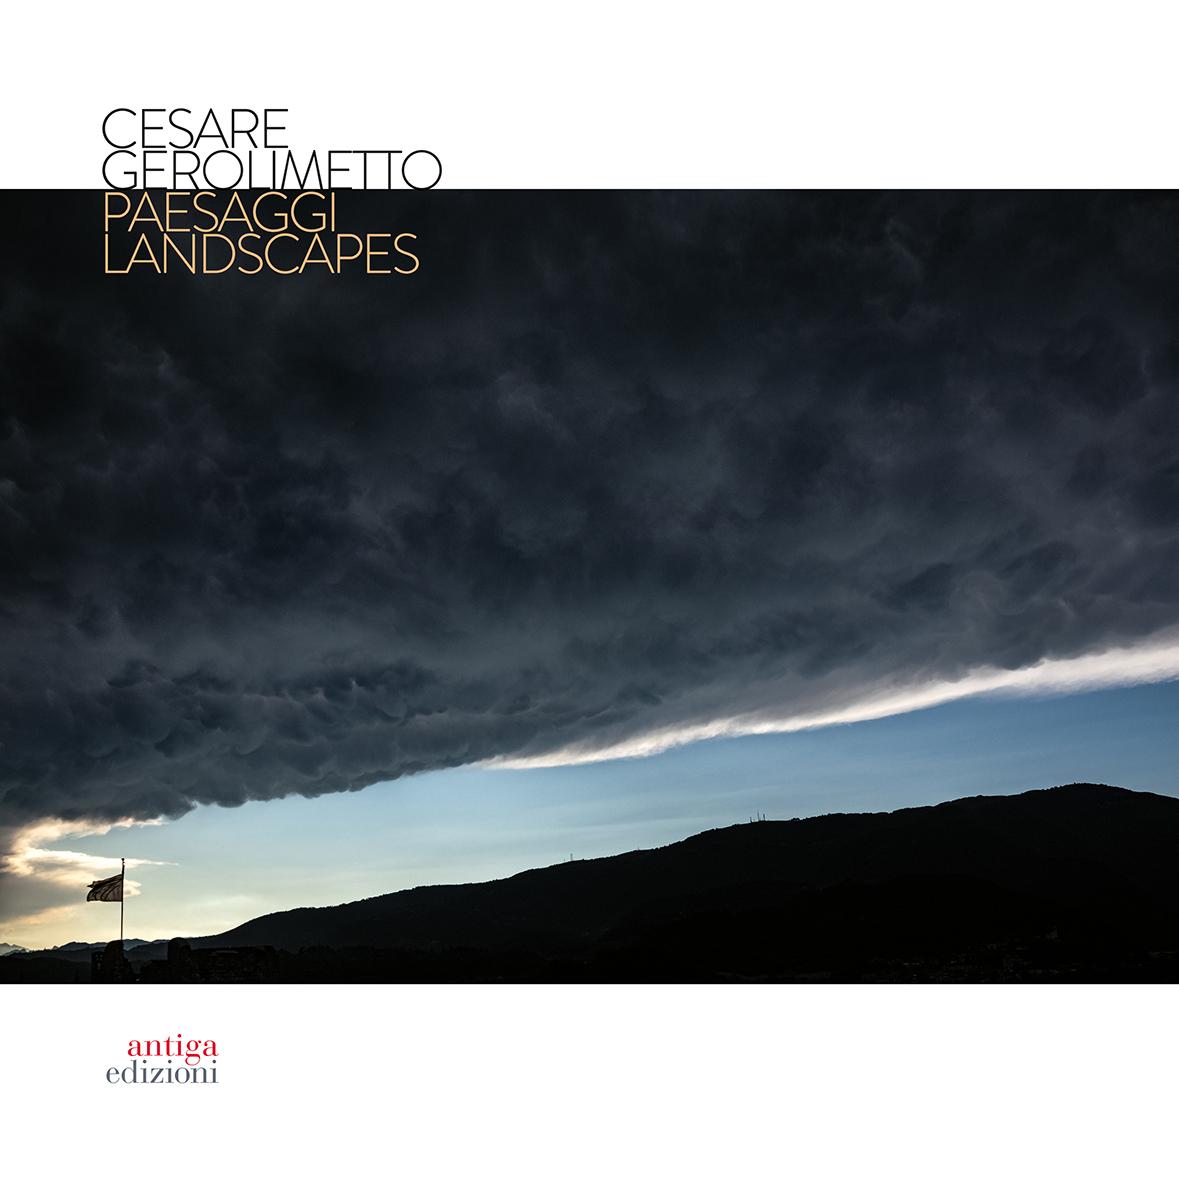 paesaggi_cesare_cover